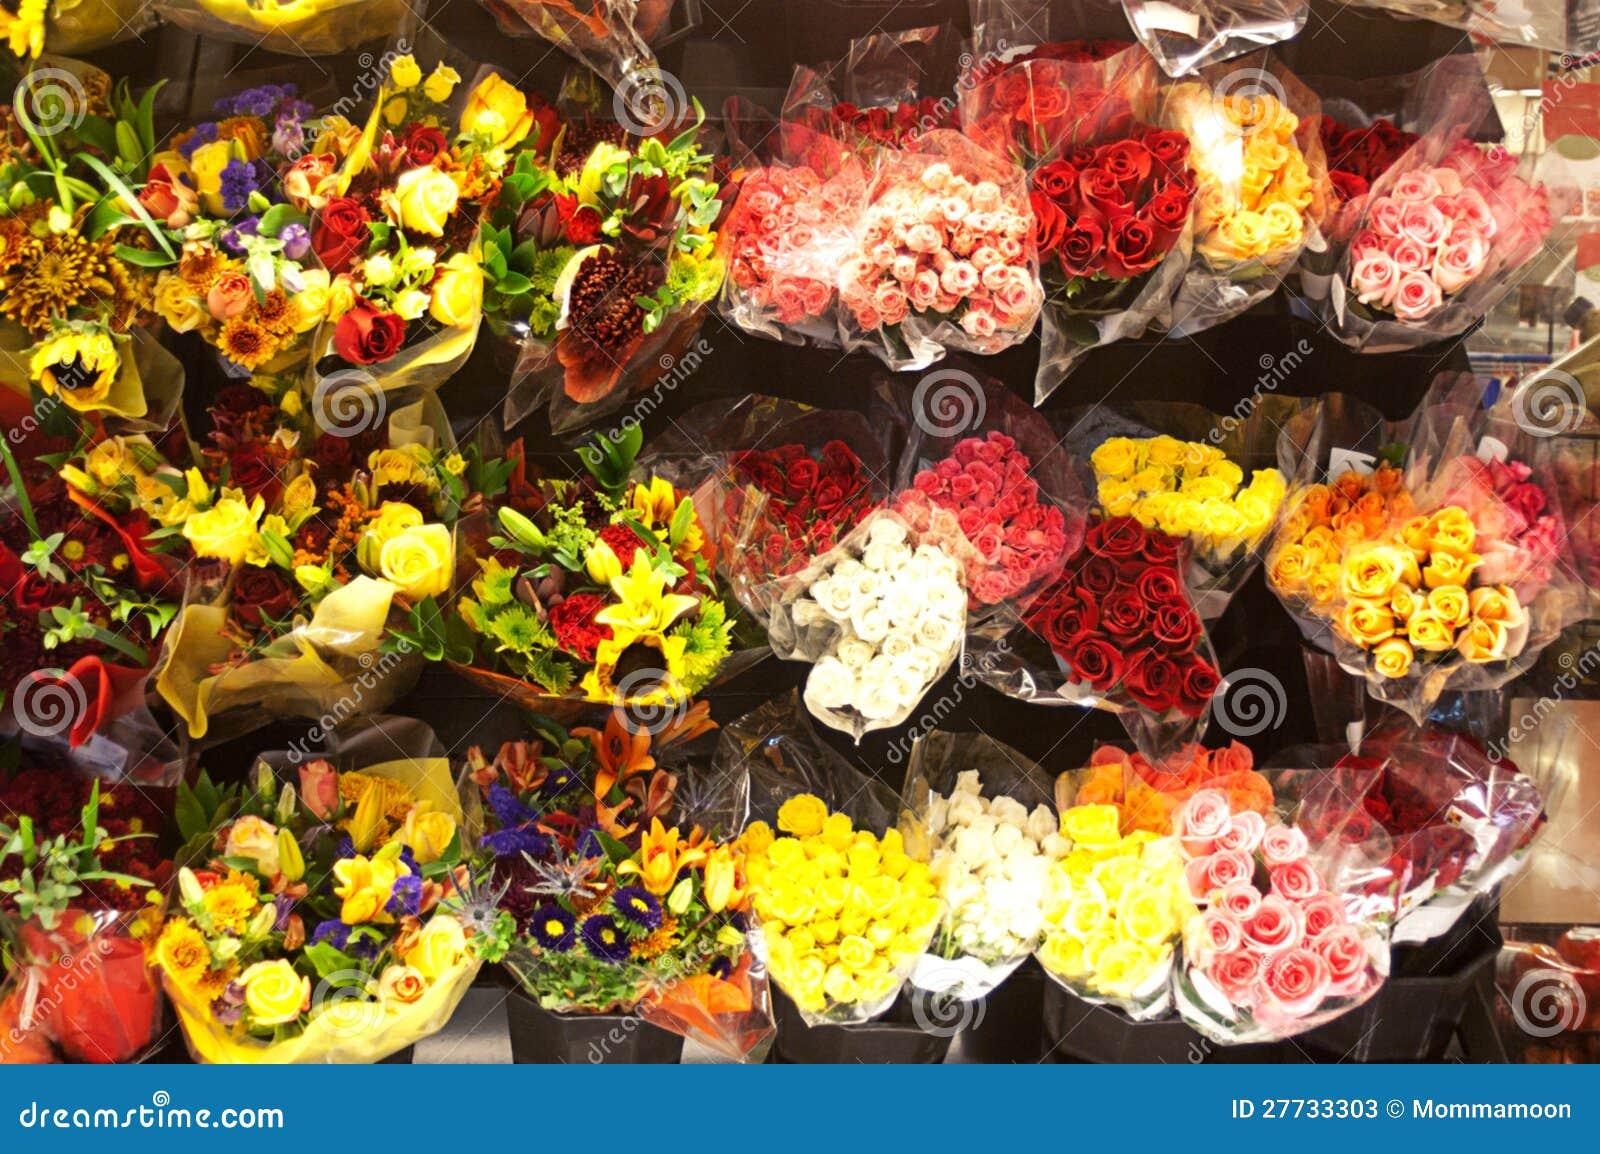 Viele Blumensträuße im Blumen-System